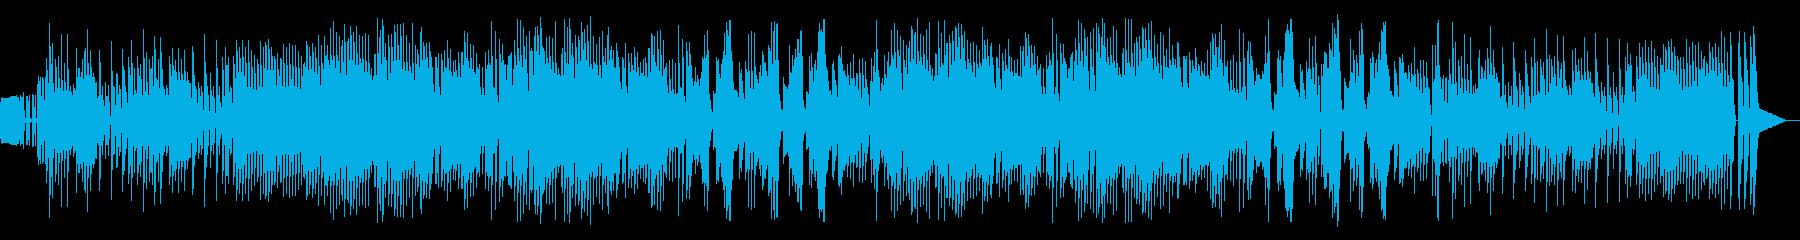 ファミコン風ピコピコバトル曲の再生済みの波形